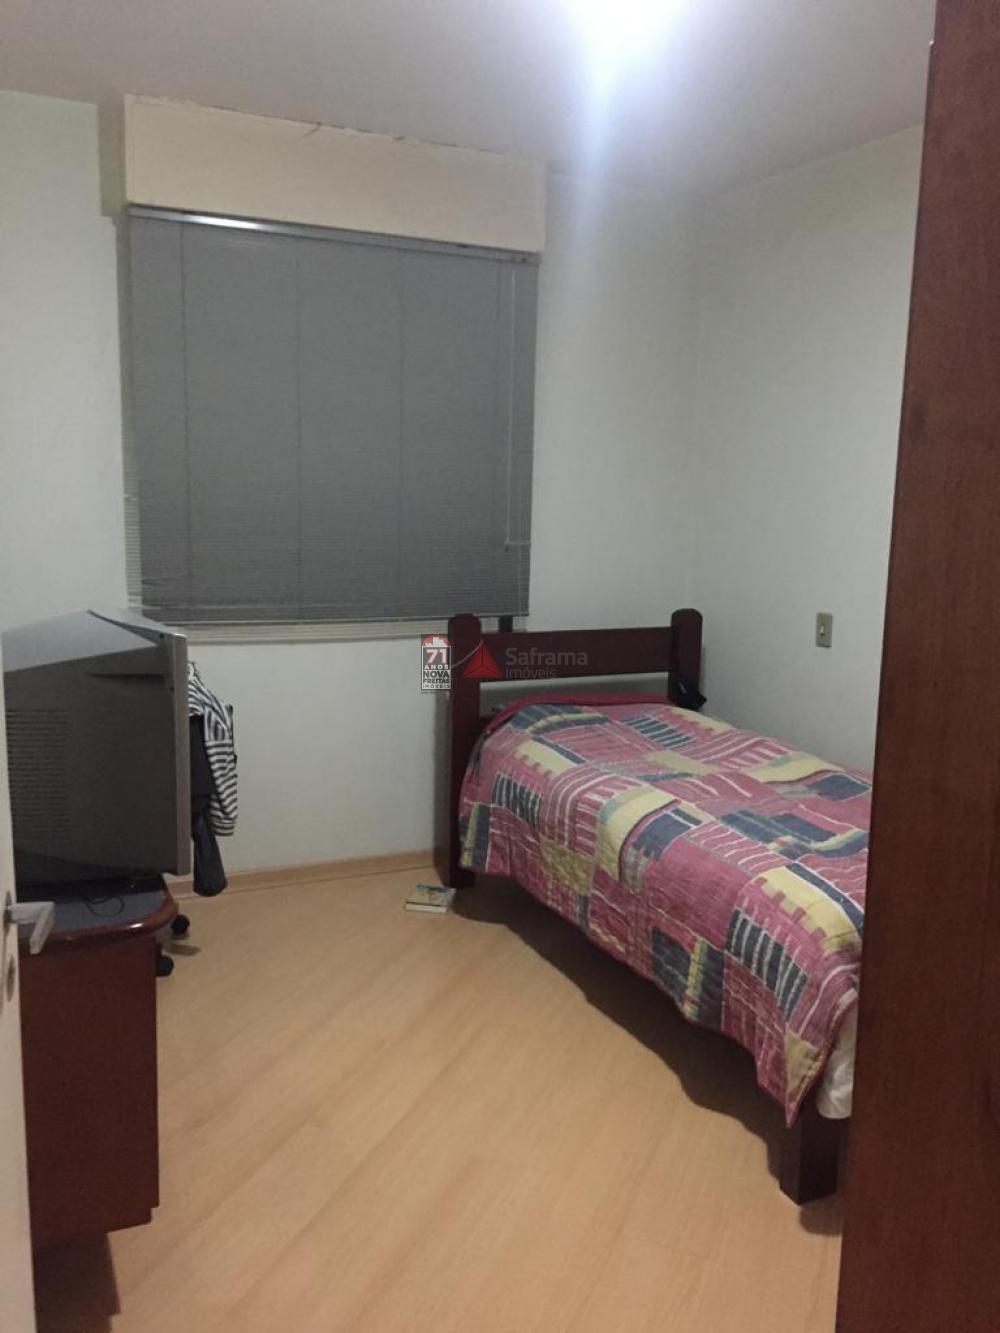 Comprar Apartamento / Padrão em São José dos Campos apenas R$ 520.000,00 - Foto 8